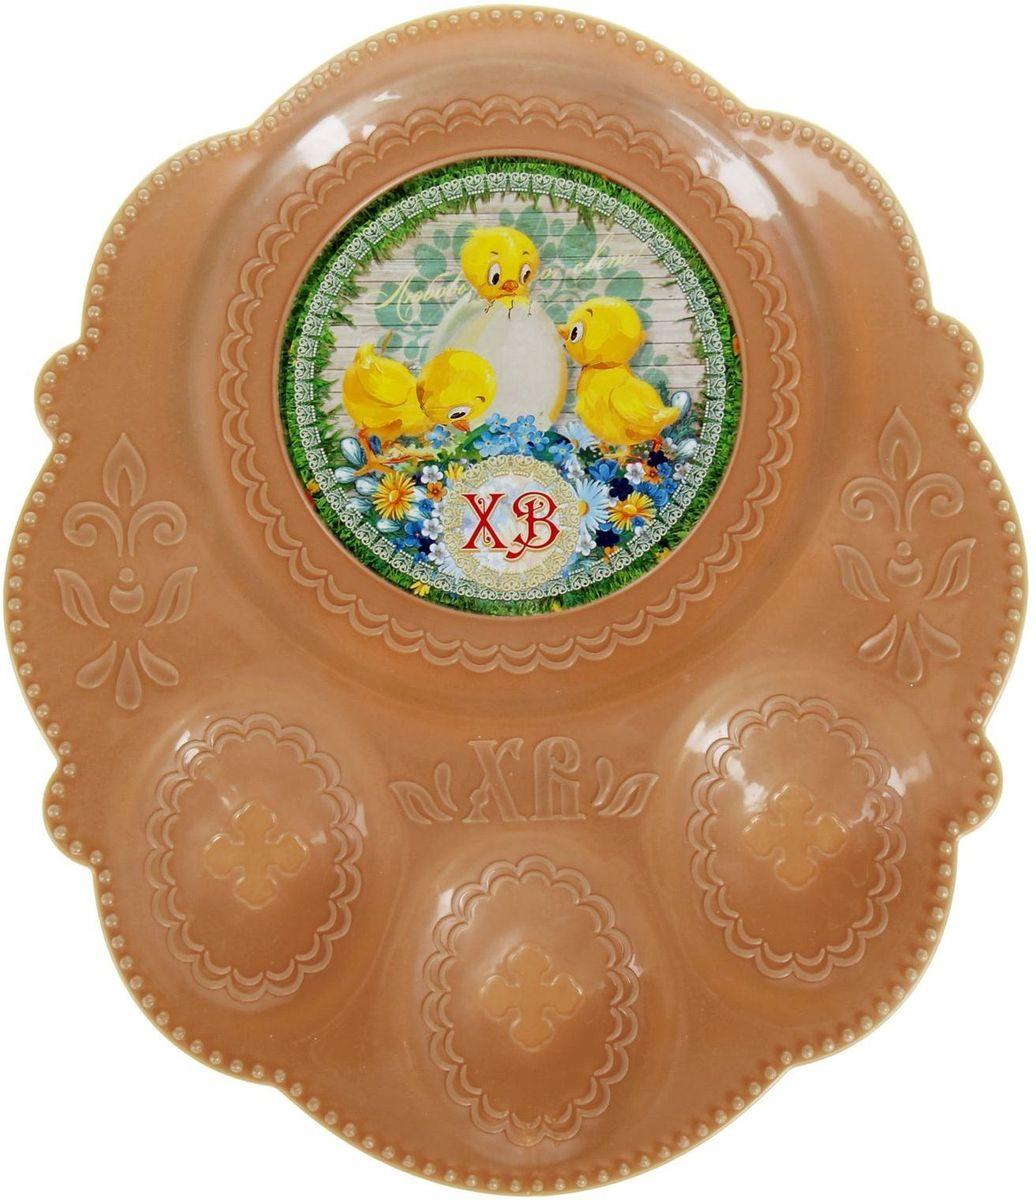 Подставка пасхальная Цыплята, на 3 яйца и кулич, 21 х 18 см. 10026011002601Пасхальная подставка для 3 яйц и кулича изготовлена из качественного пластика, в центре имеется яркая вставка. Аксессуар станет достойным украшением праздничного стола, создаст радостное настроение и наполнит пространство вашего дома благостной энергией на весь год вперёд. Подставка будет ценным памятным подарком для родных, друзей и коллег. Радости, добра и света вам и вашим близким!